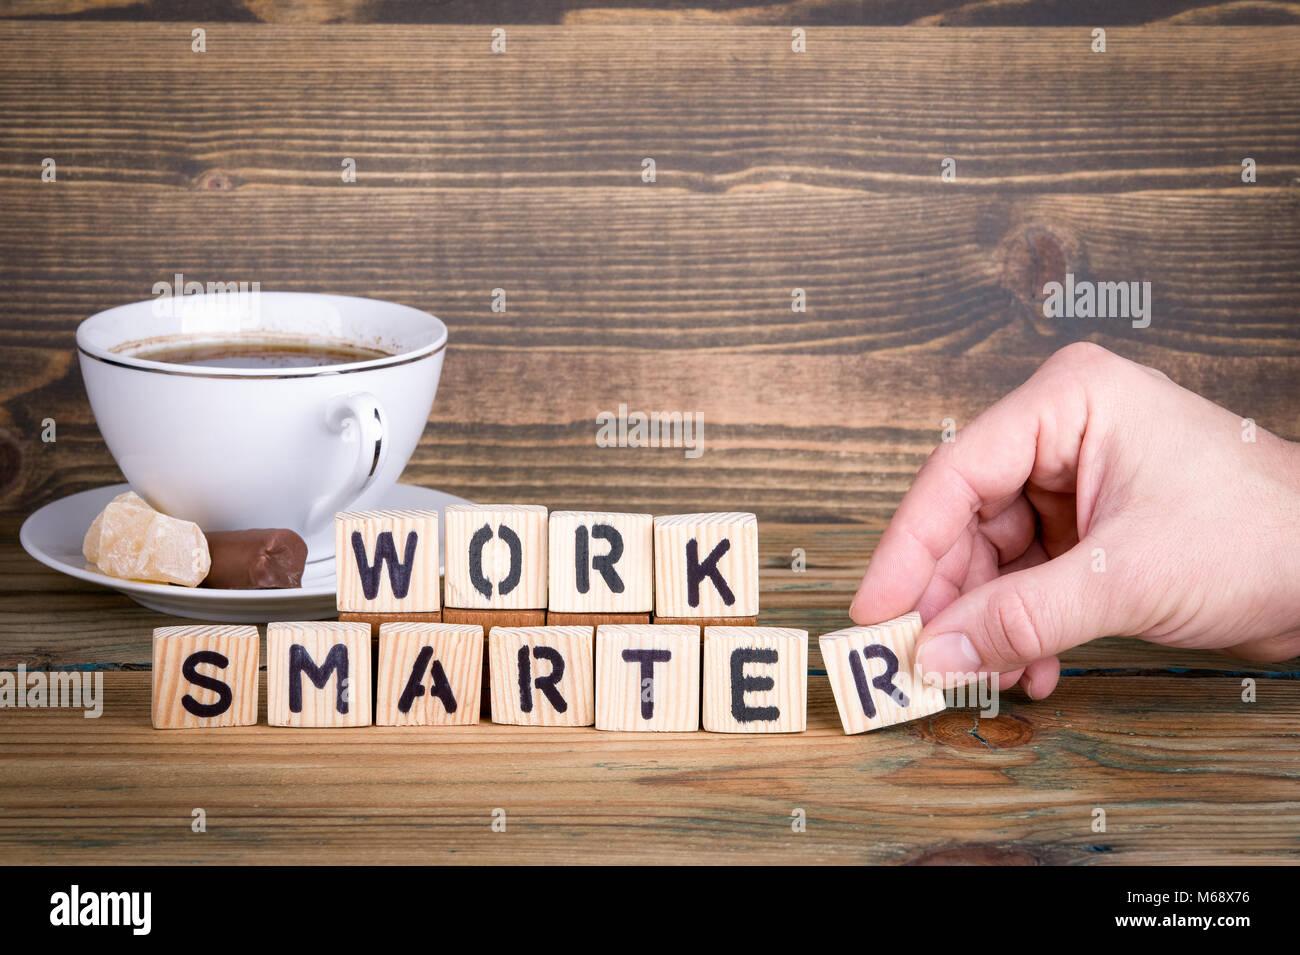 Ein intelligenteres Arbeiten ermöglicht. Holz- Buchstaben auf dem Schreibtisch, informative und Kommunikation Stockbild